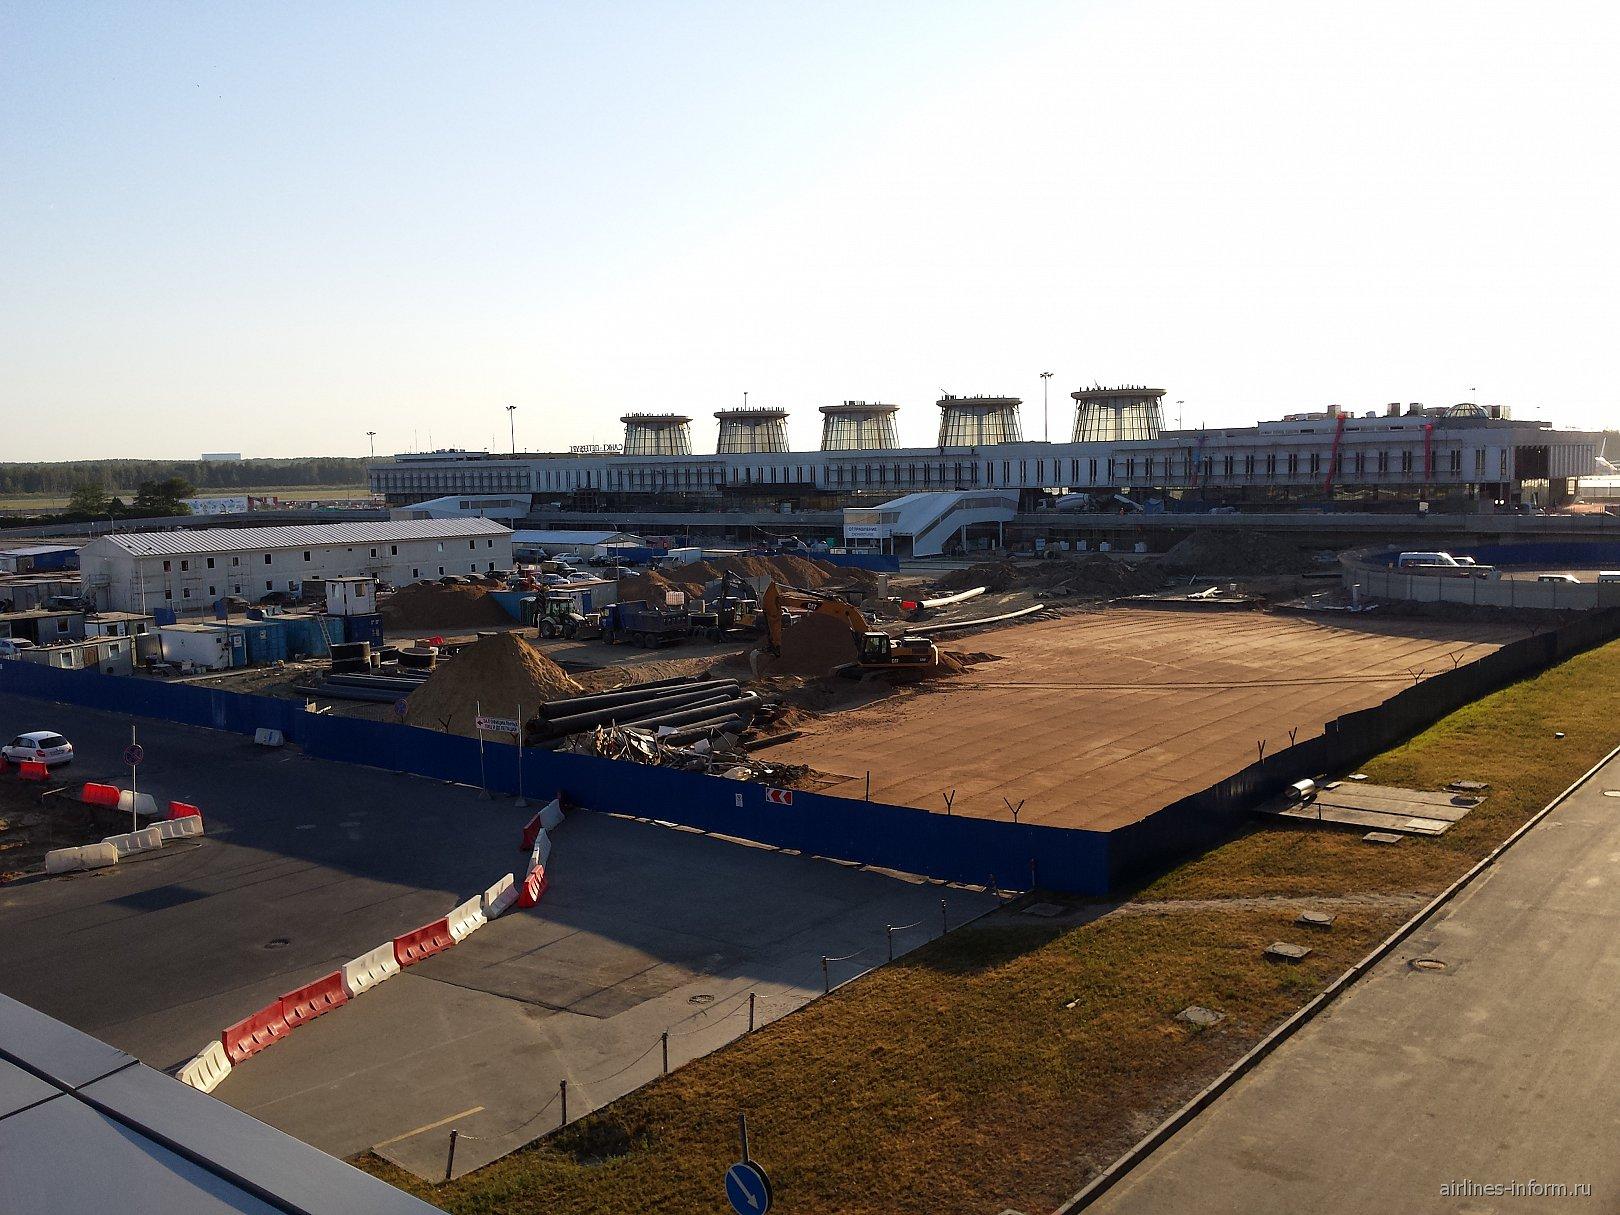 Реконструкция привокзальной площади в аэропорту Санкт-Петербург Пулково